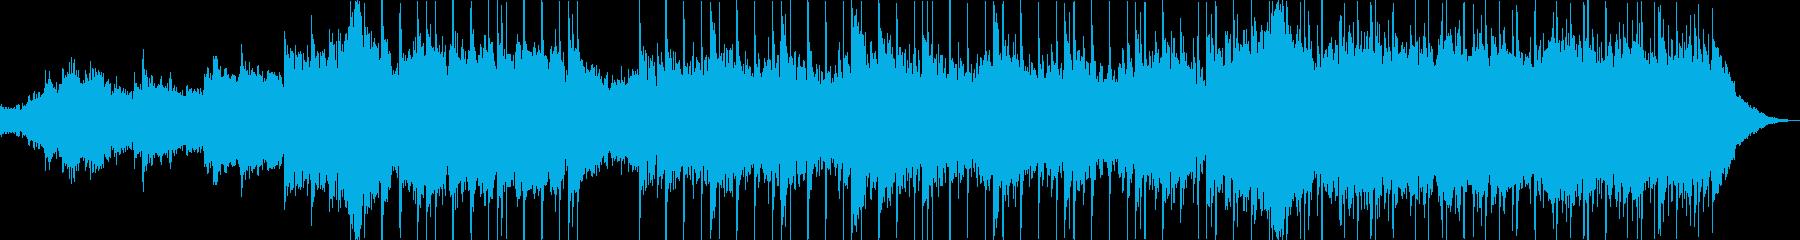 メロディック、インストゥルメンタル...の再生済みの波形